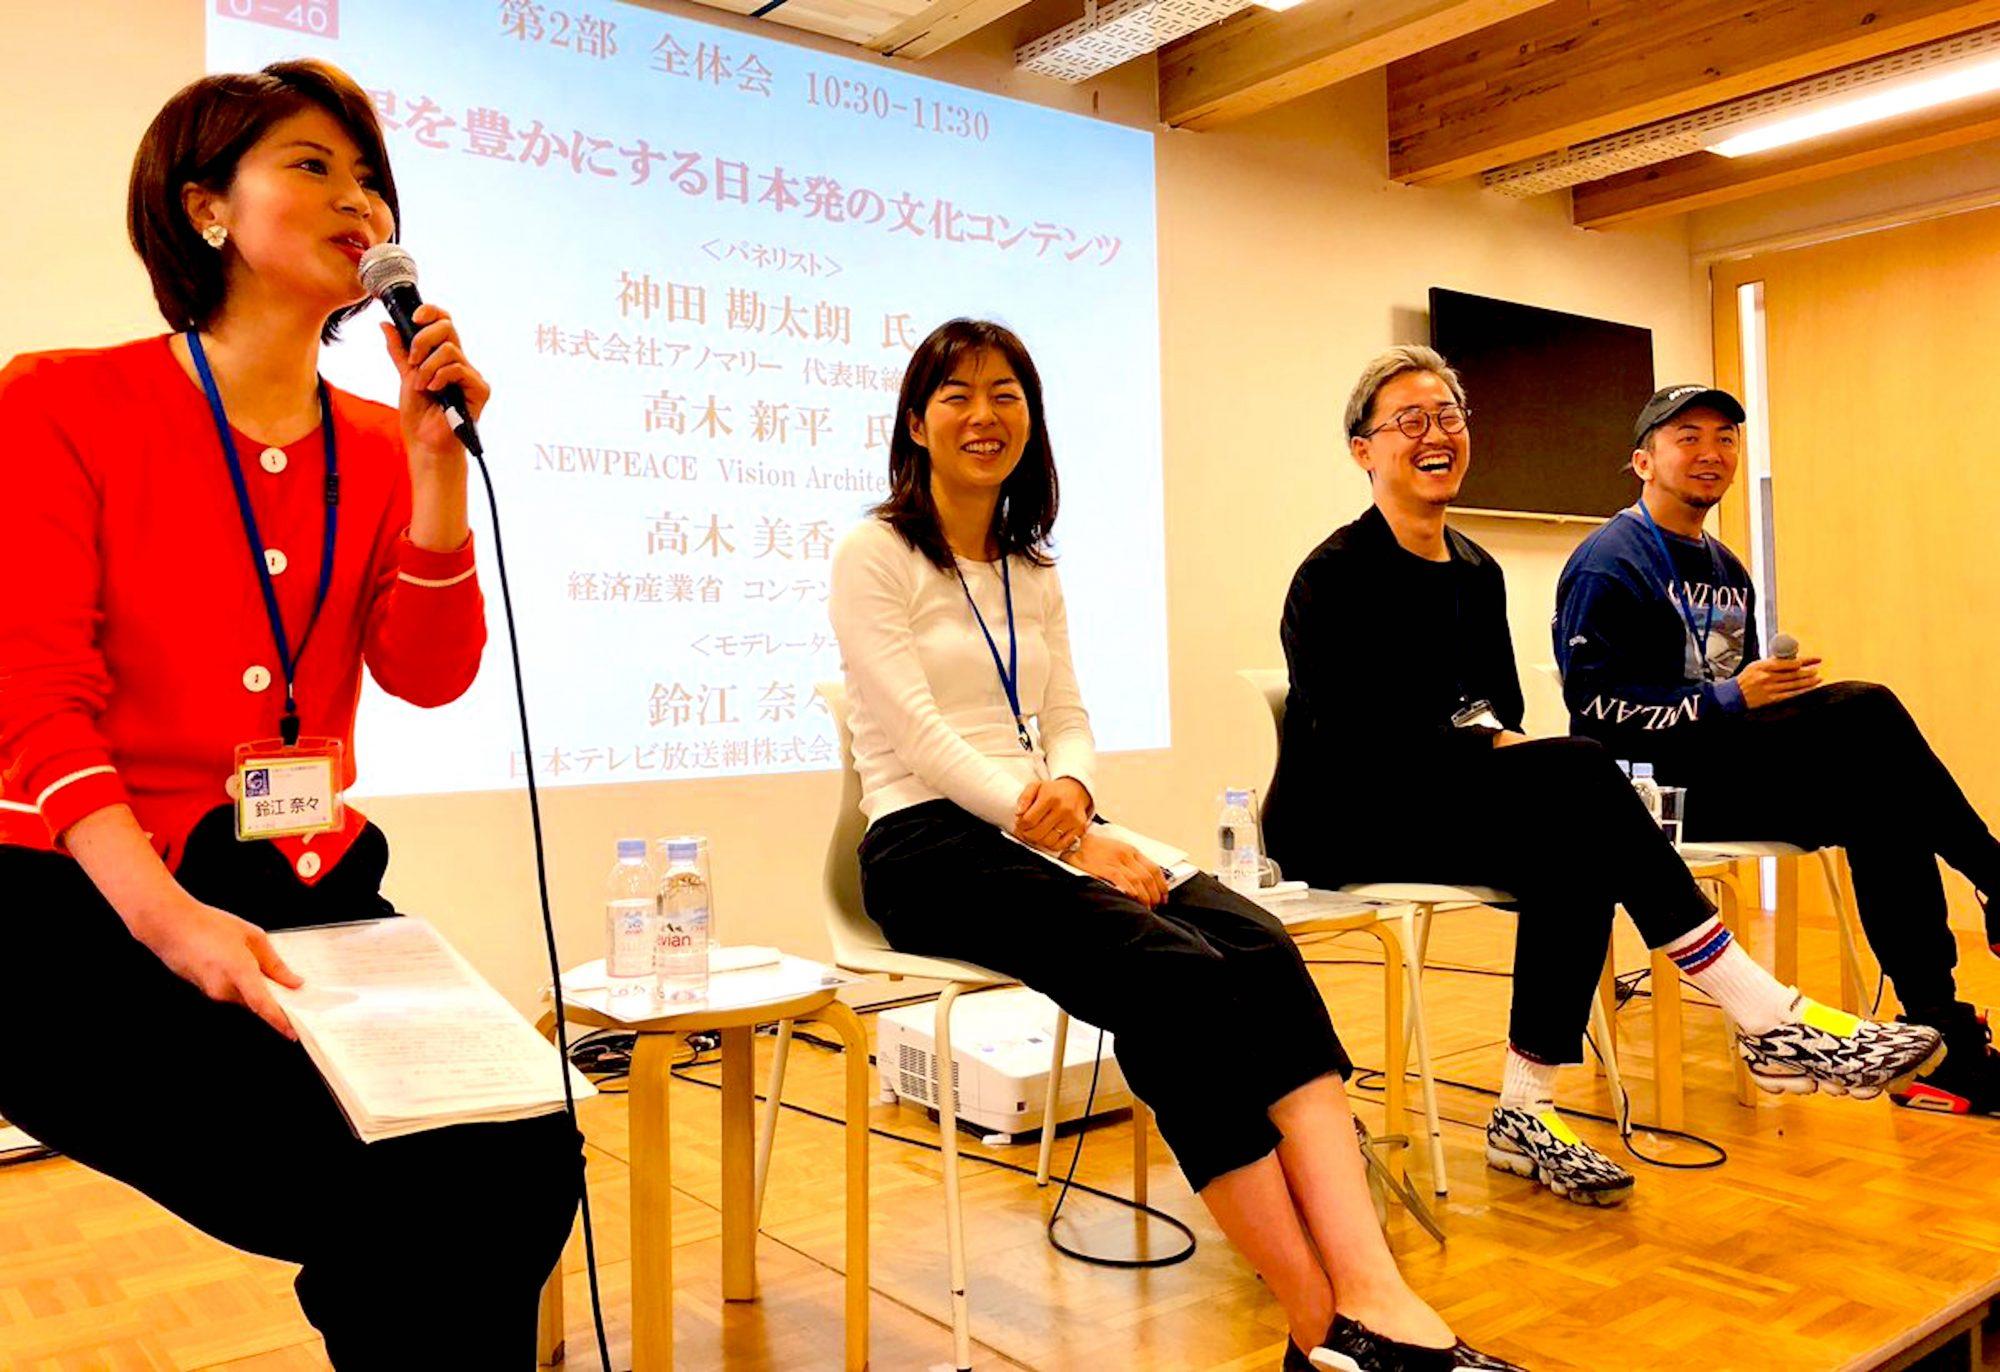 第7回G1新世代リーダー・サミット 第2部全体会「世界を豊かにする日本発の文化コンテンツ」に、弊社代表カリスマカンタロー が登壇!